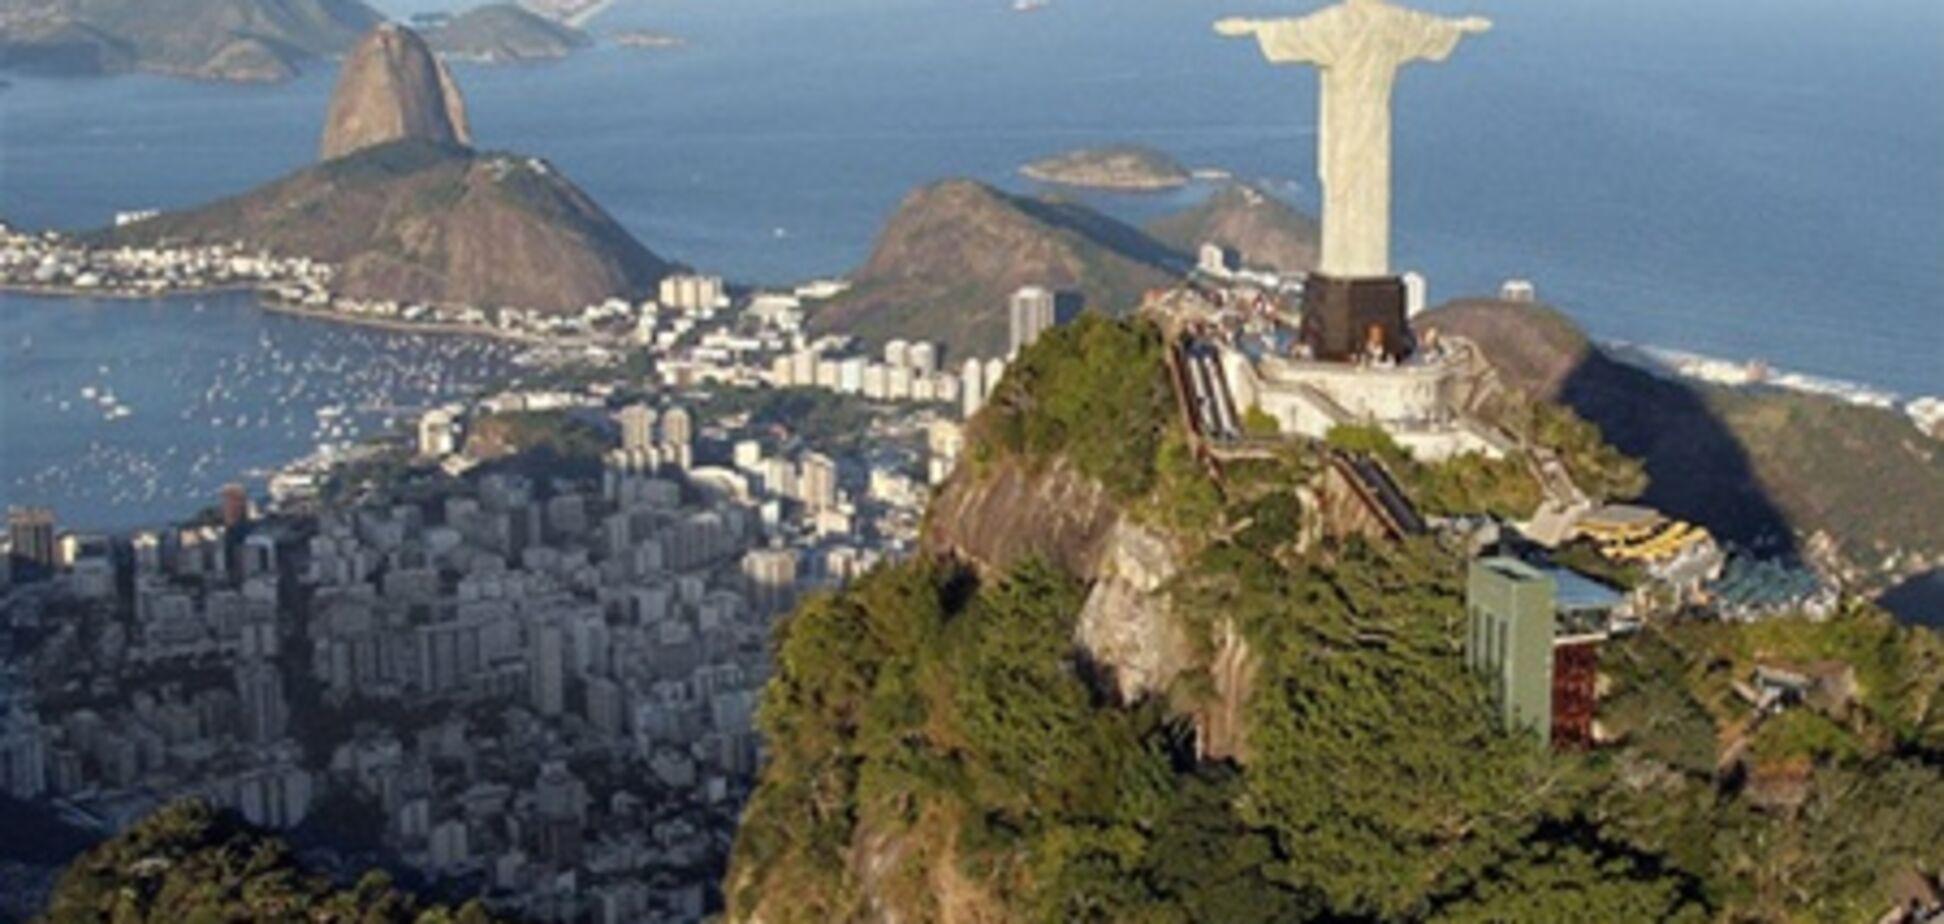 Недвижимость Бразилии в этом году подорожает - эксперты